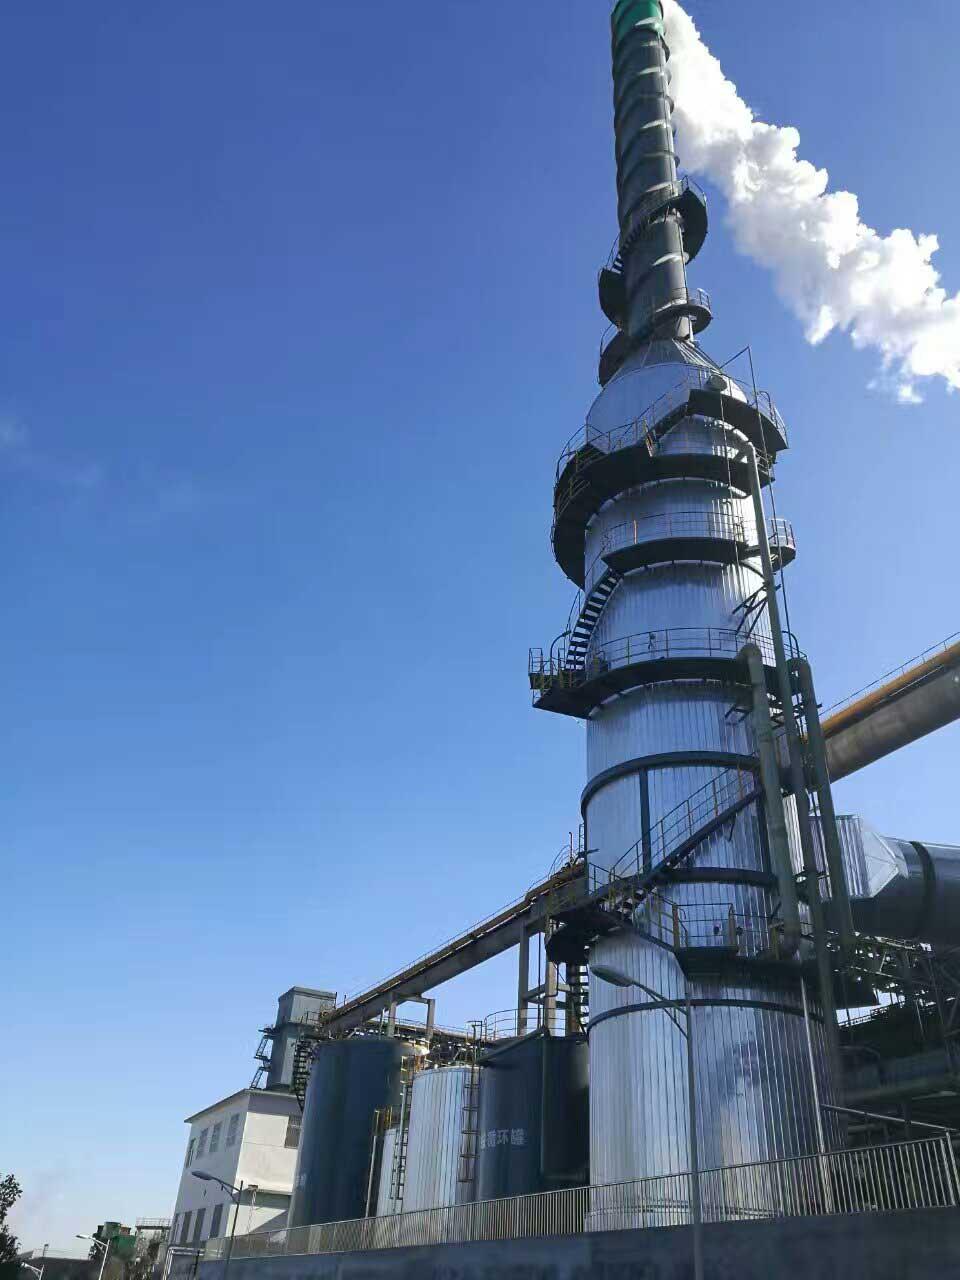 平煤集团天瑞焦化氨法脱硫